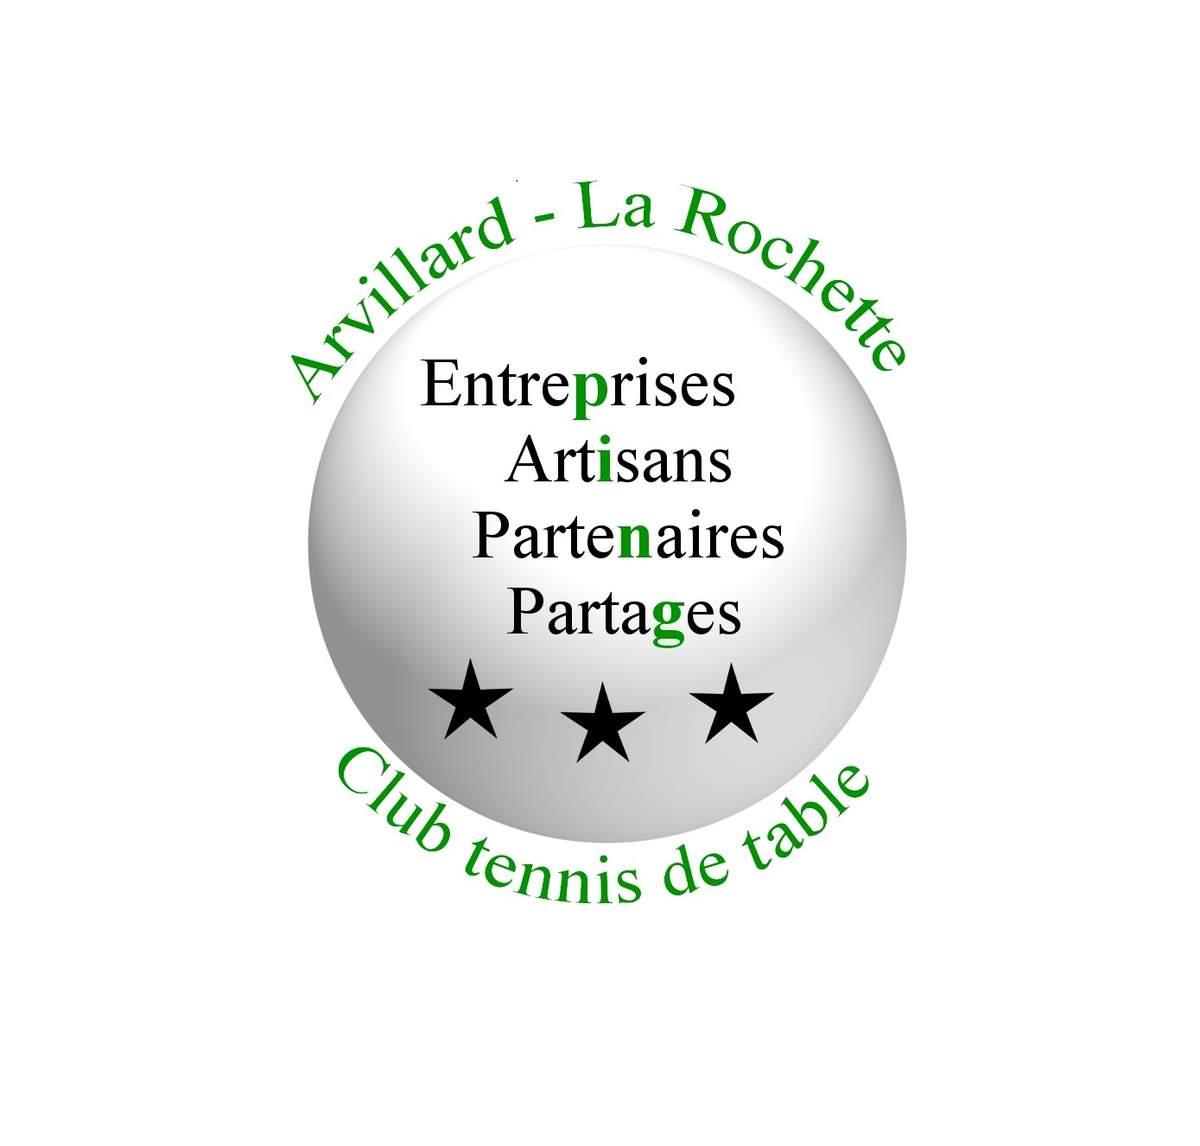 Vision Unik La Rochette comité de savoie de tennis de table - club tennis de table